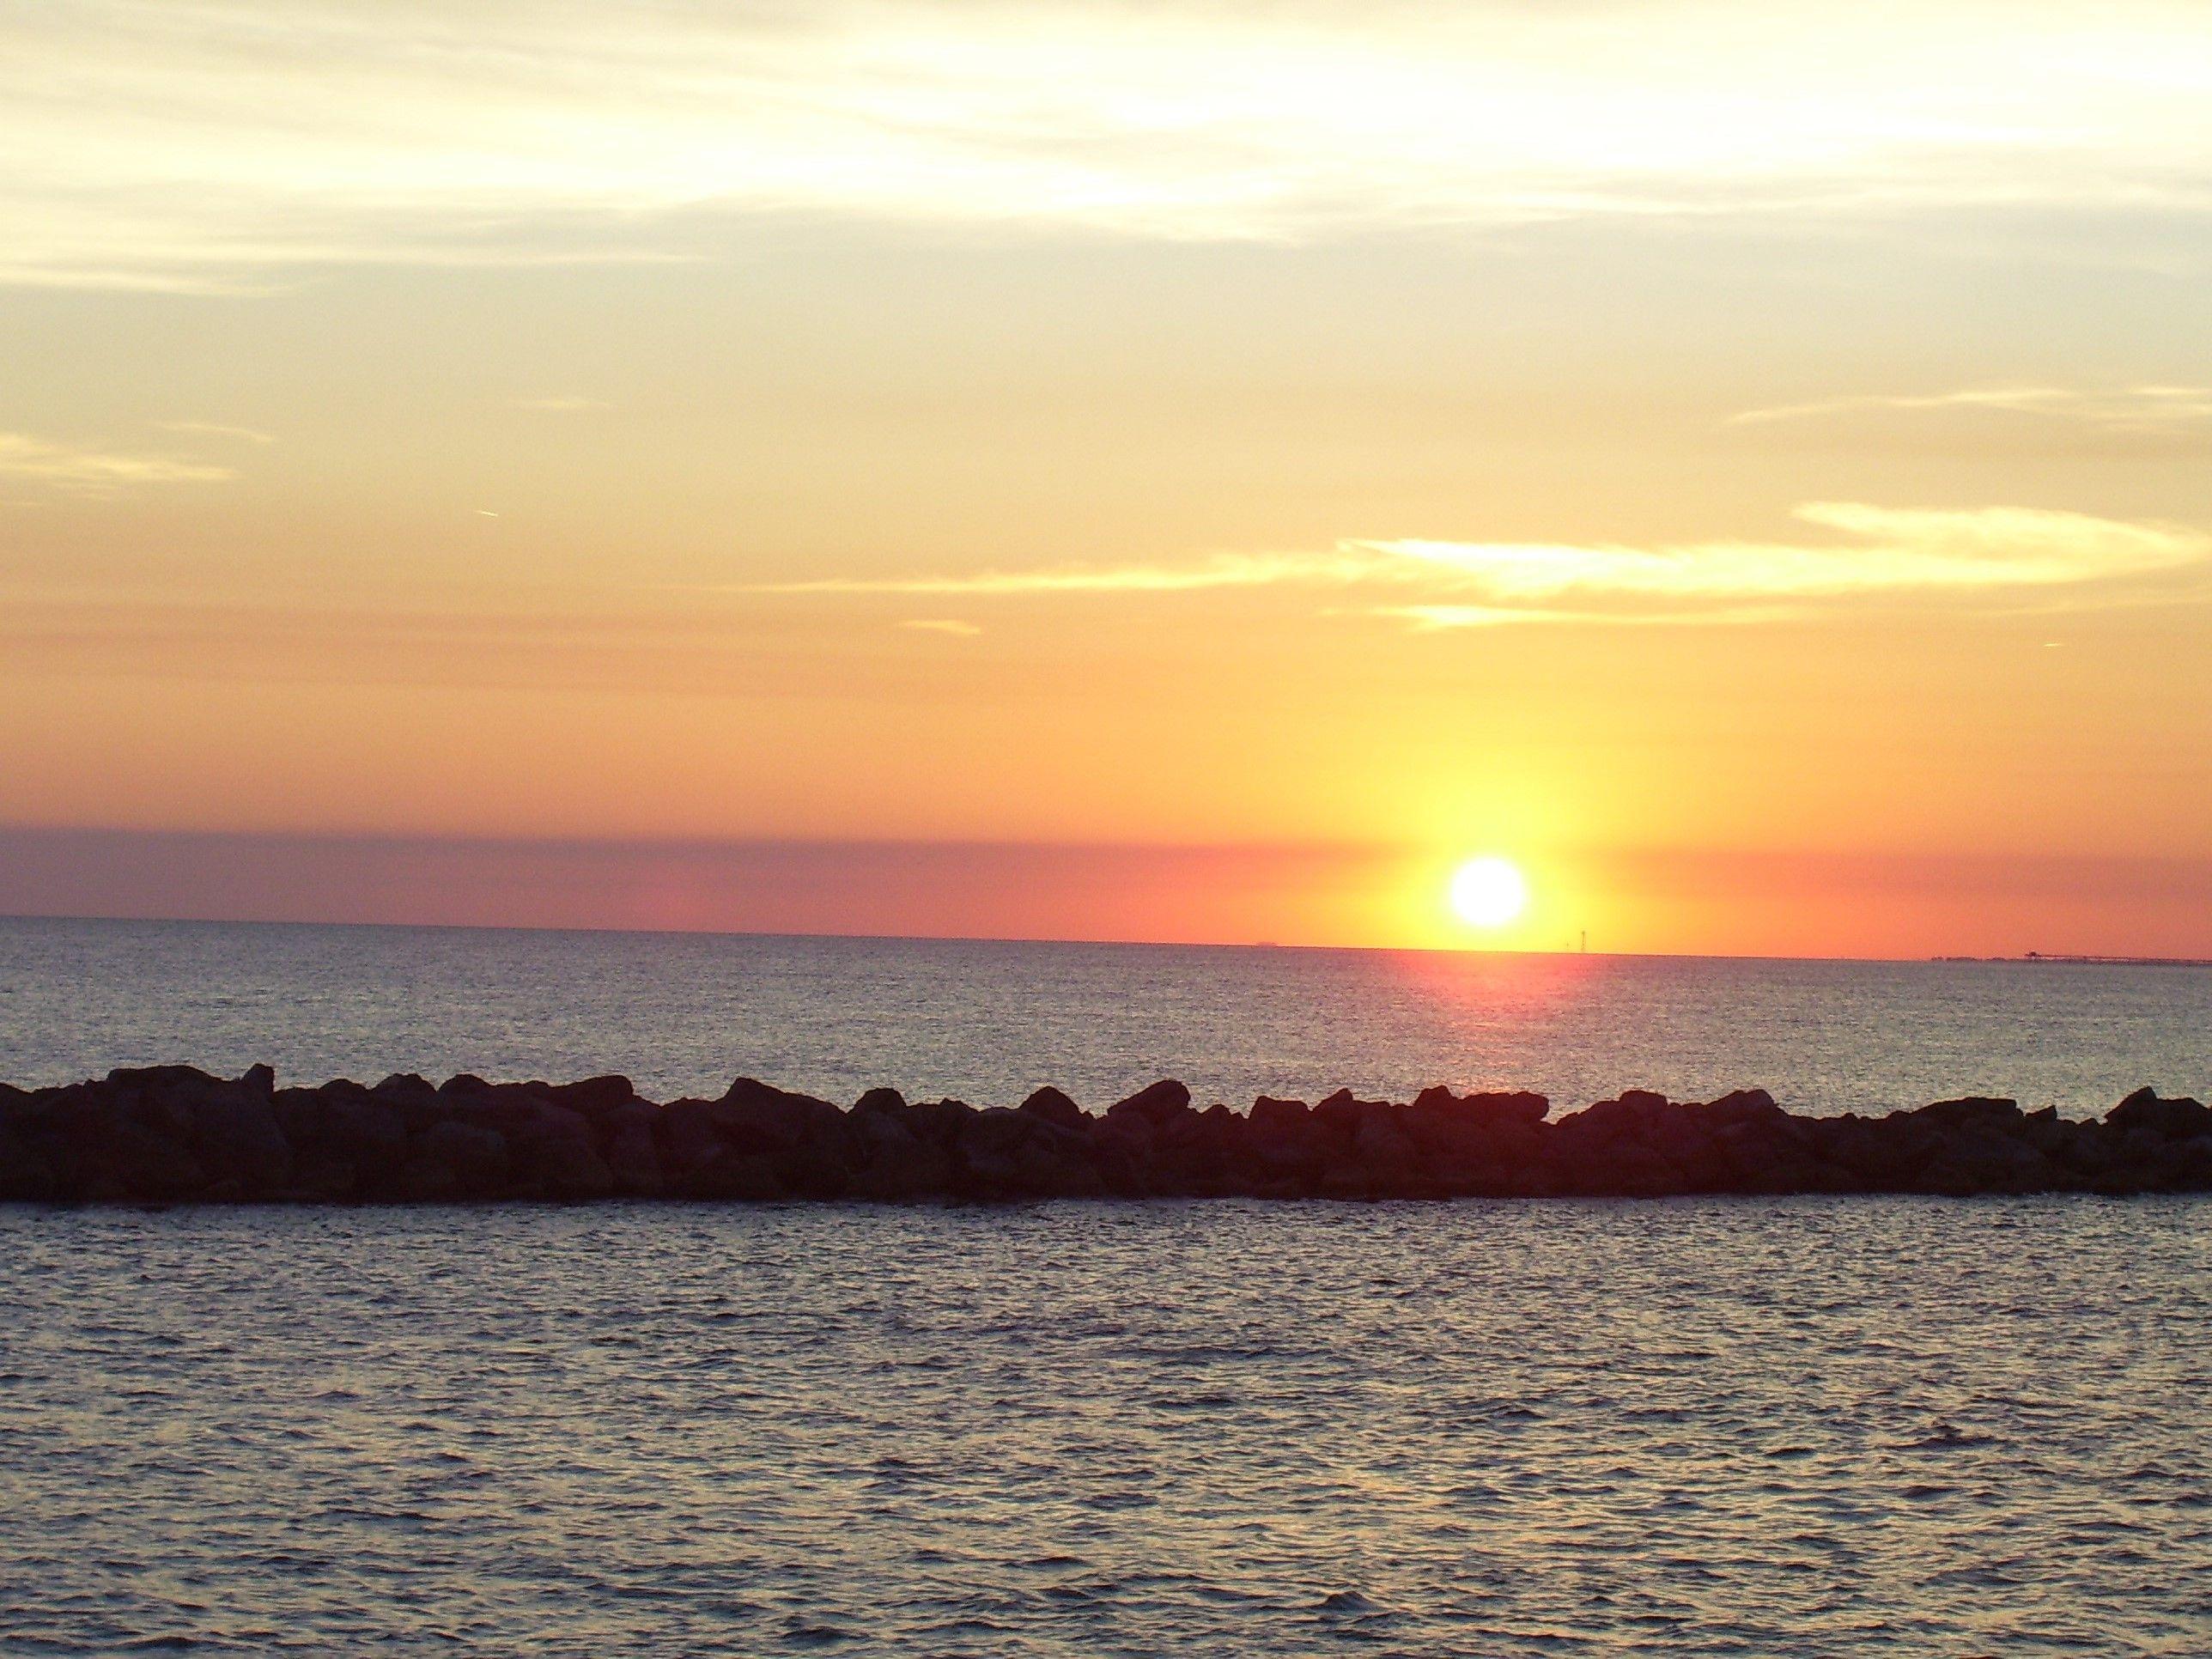 Atlantic Barrier Sunset